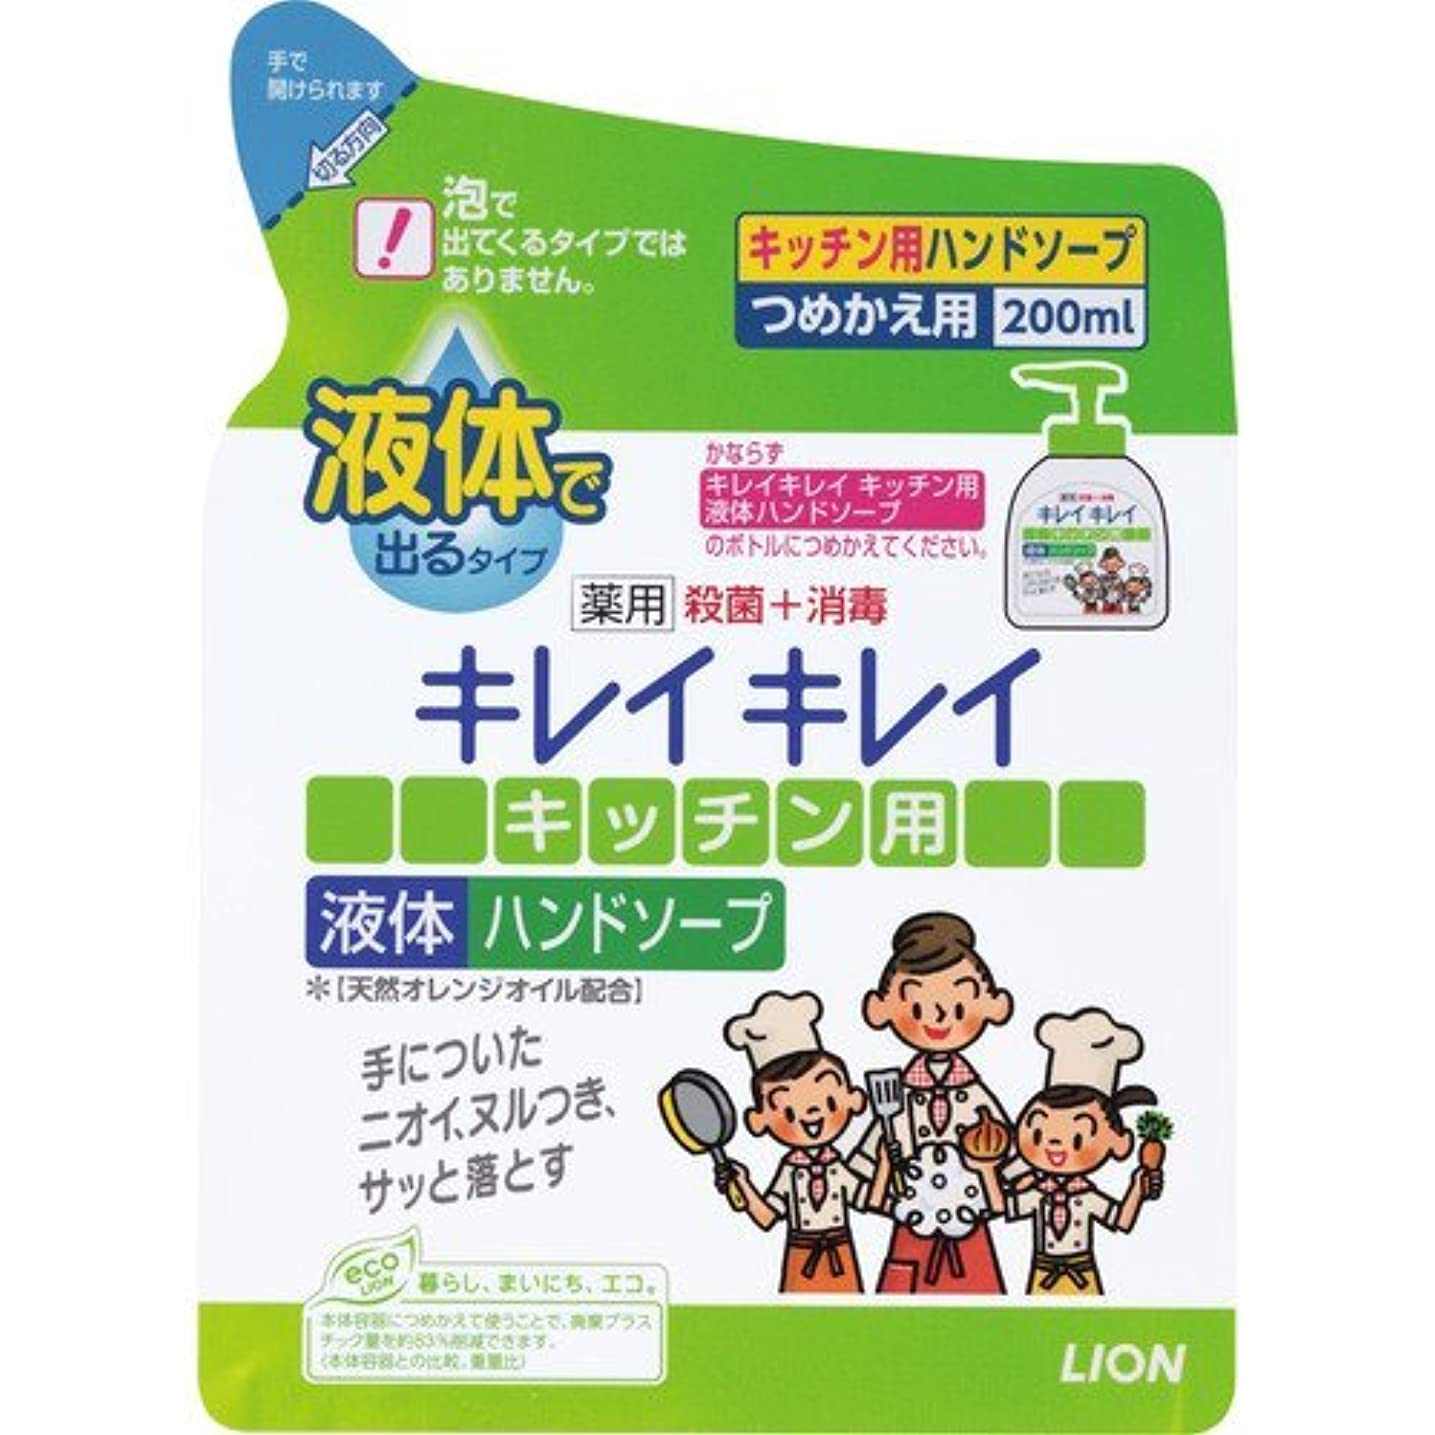 ヘクタールカートリッジスタンドキレイキレイ 薬用 キッチンハンドソープ 詰め替え 200ml(医薬部外品)